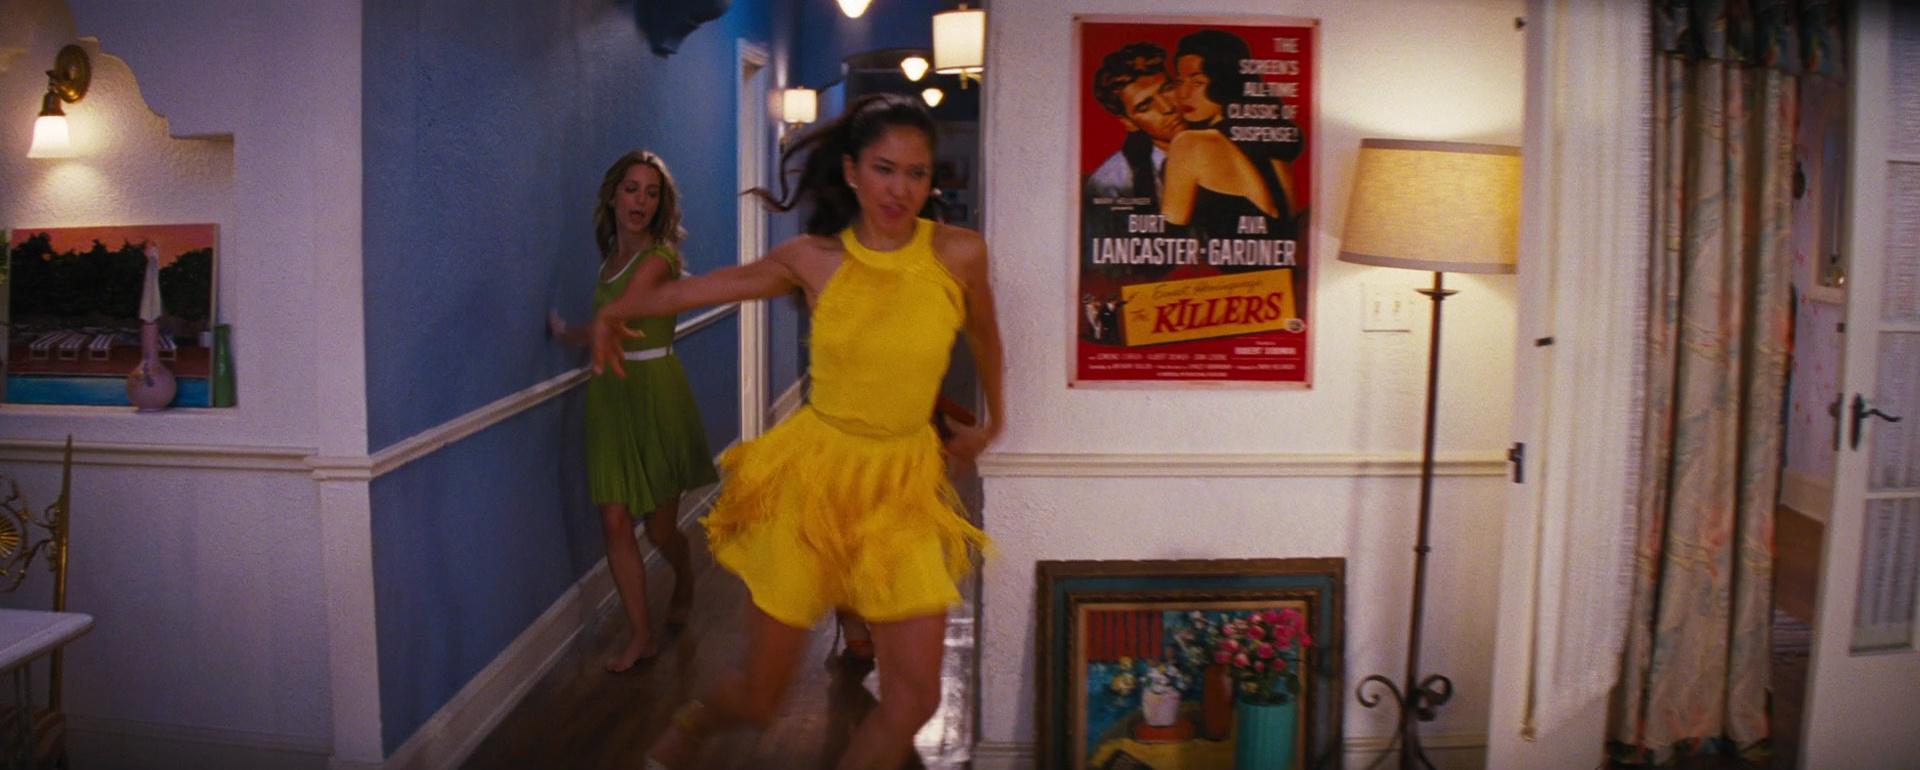 La La Land film still 4